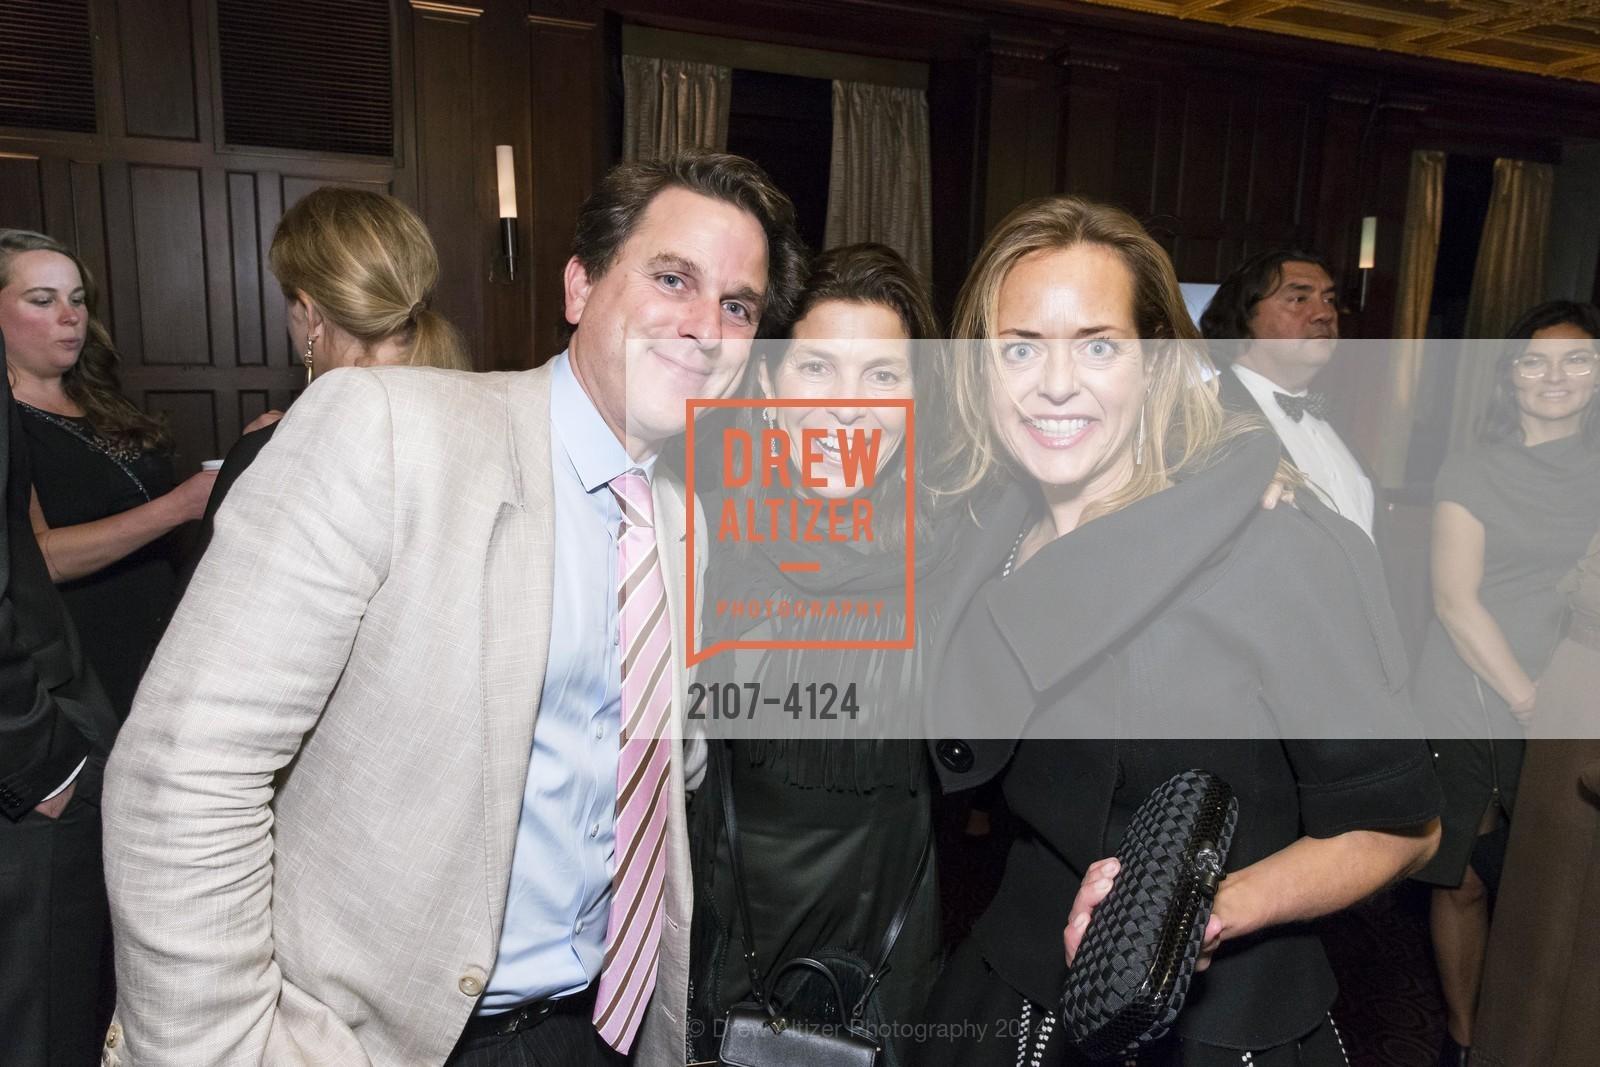 Gregory Malin, Susan Swig, Charlot Malin, Photo #2107-4124